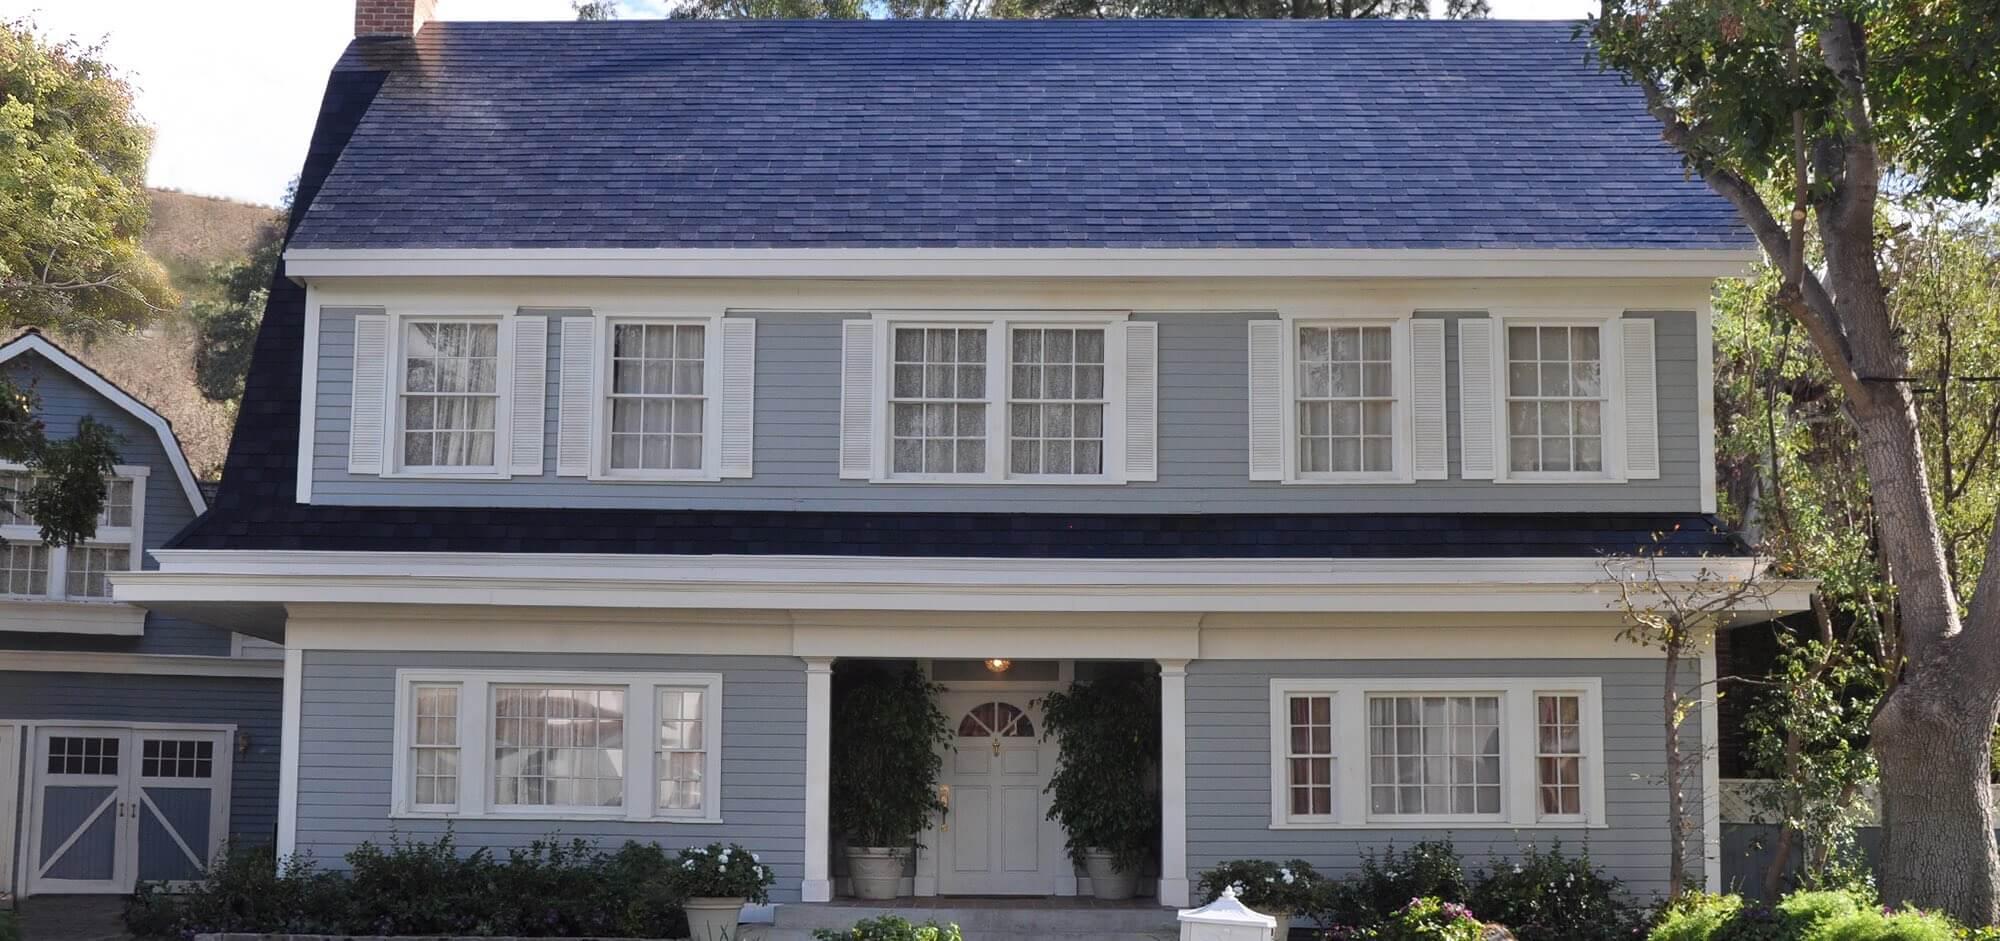 Hersteller Dachziegel überblick tesla stellt solar dachziegel und powerwall 2 vor